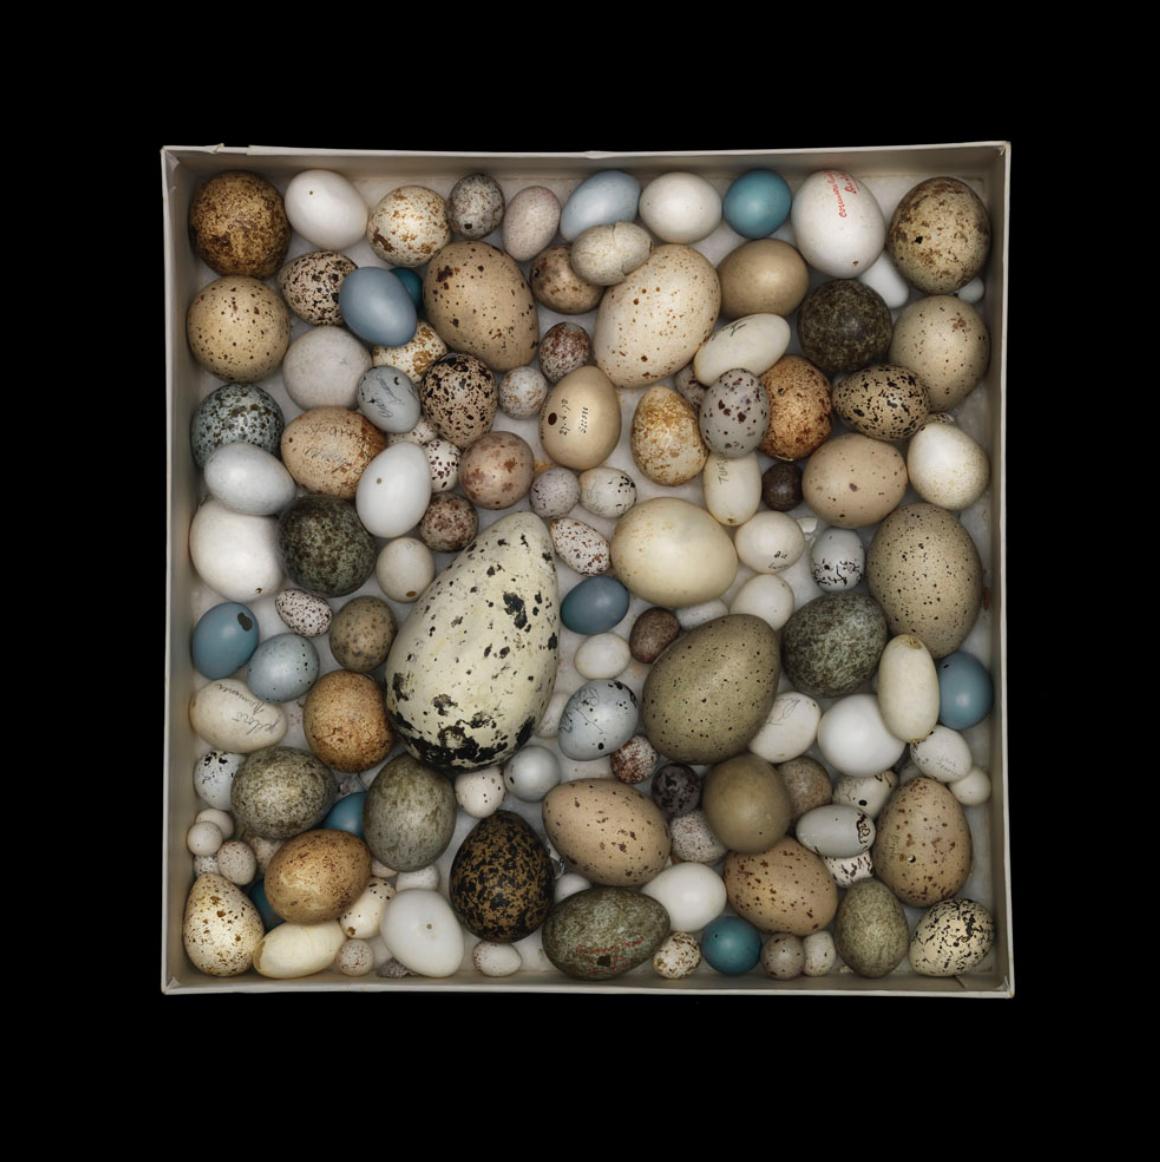 Sharon Beals, Orphan Egg Box